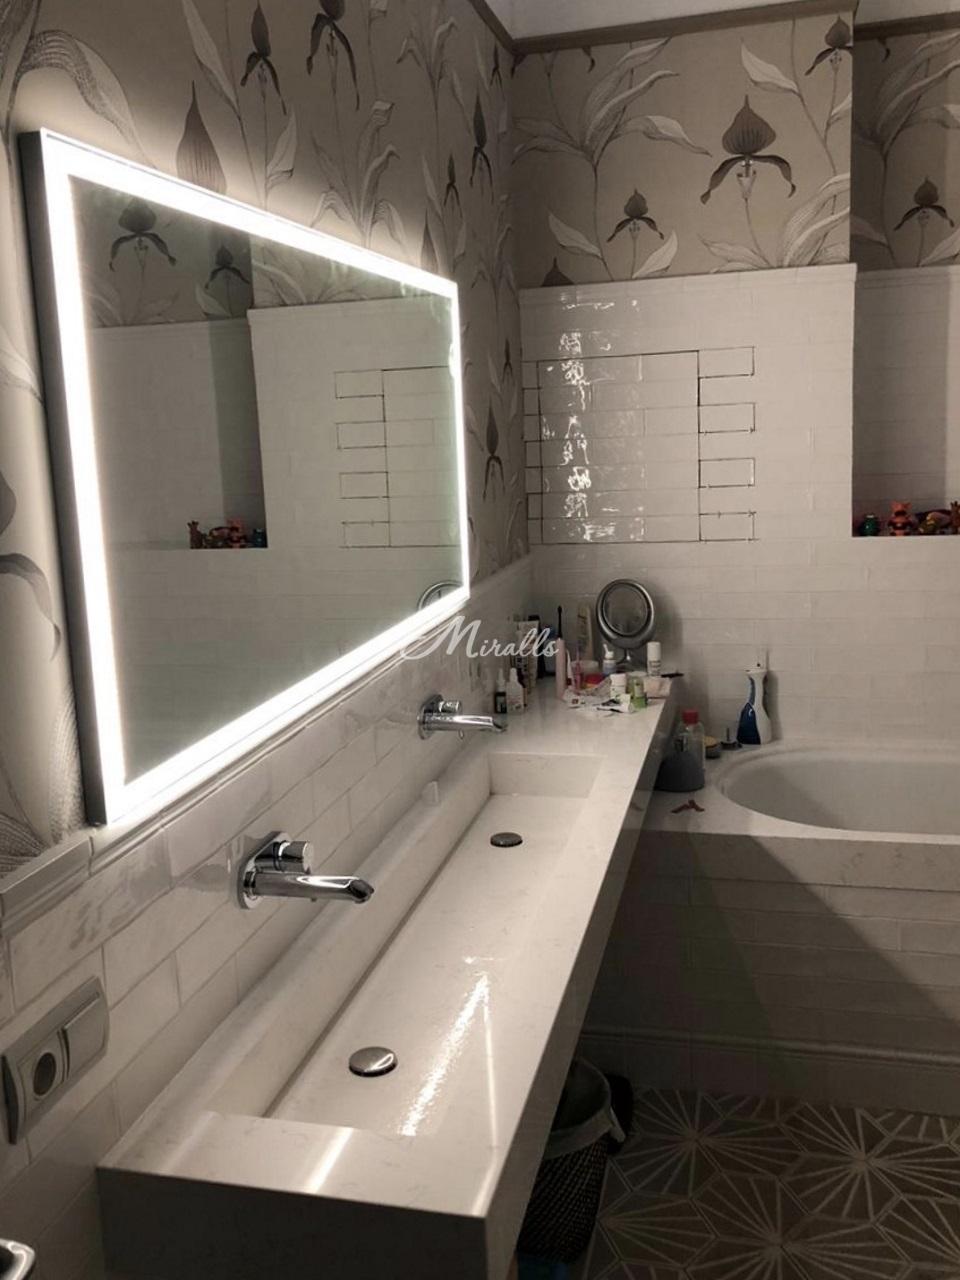 Зеркало Sella Extra в ванной комнате частной квартиры (ЖК Only)